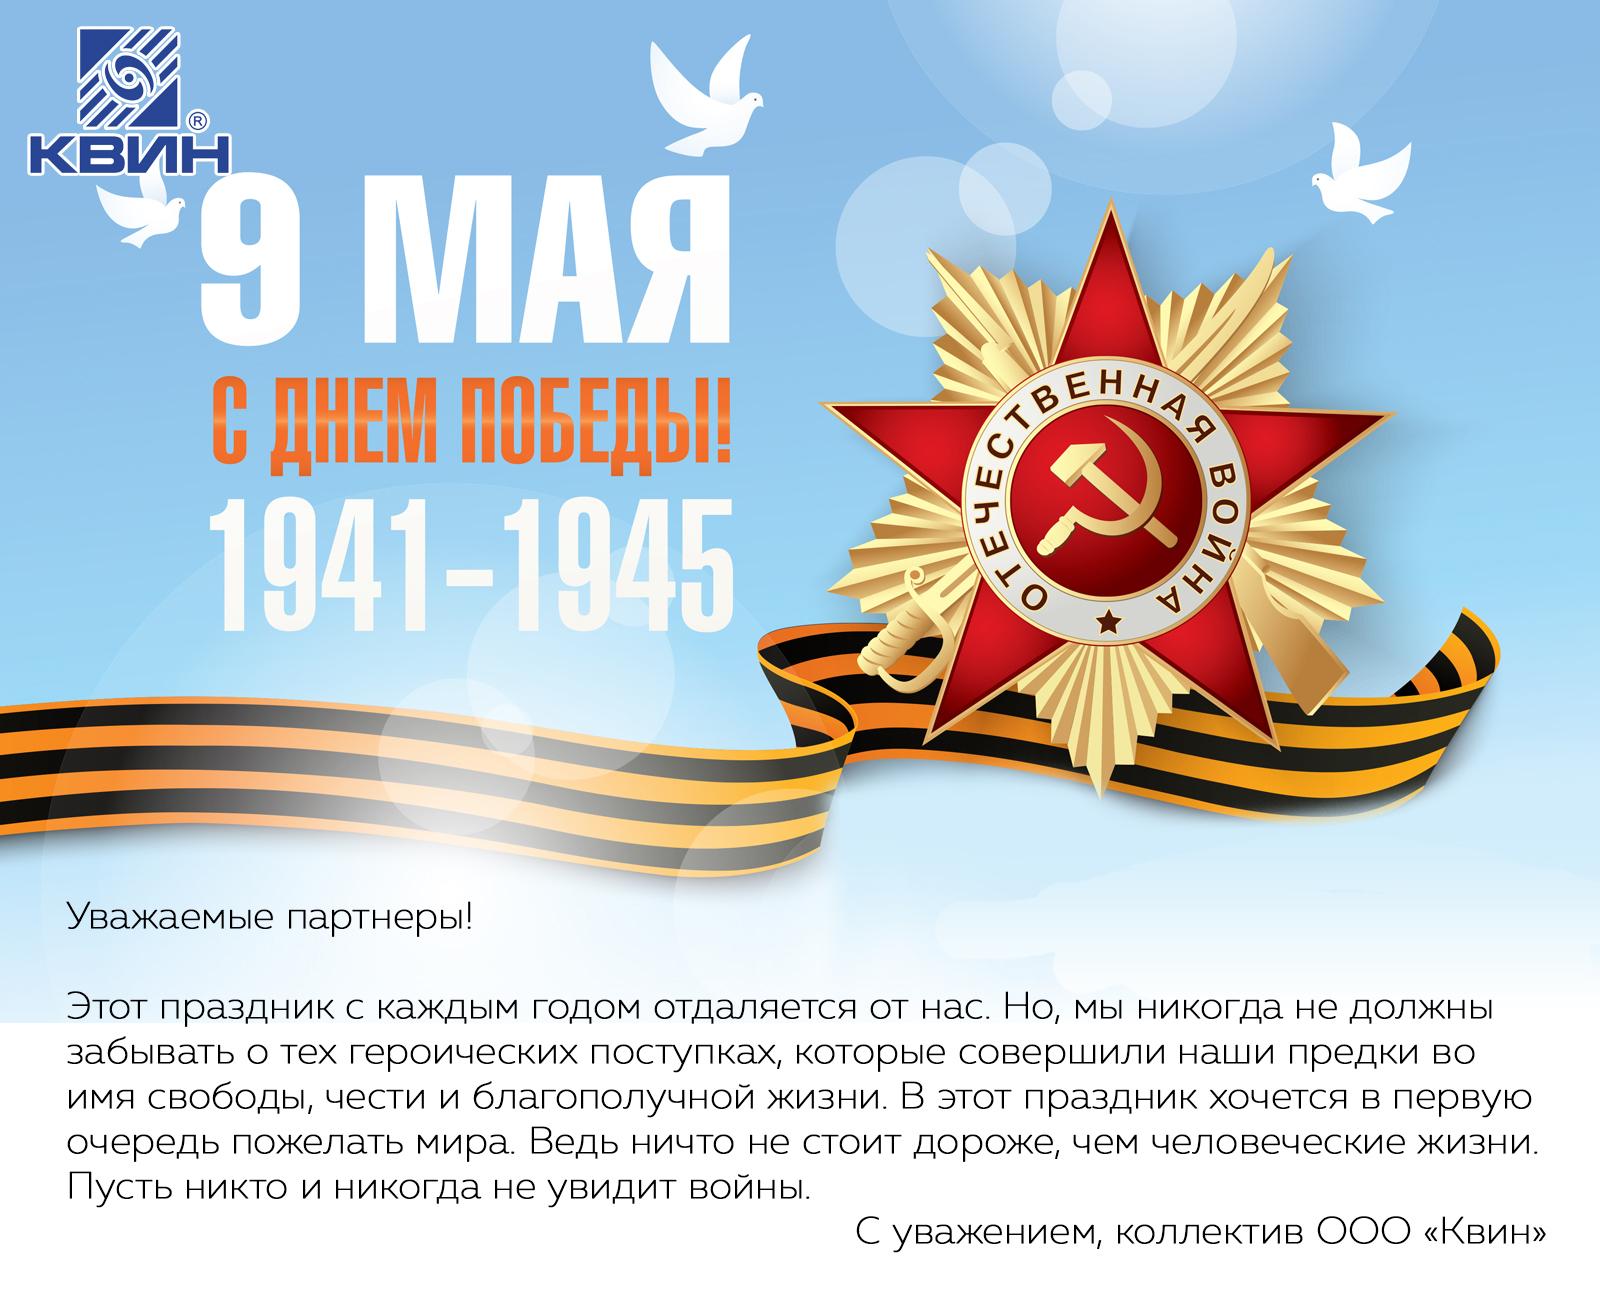 Поздравление 9 мая организации